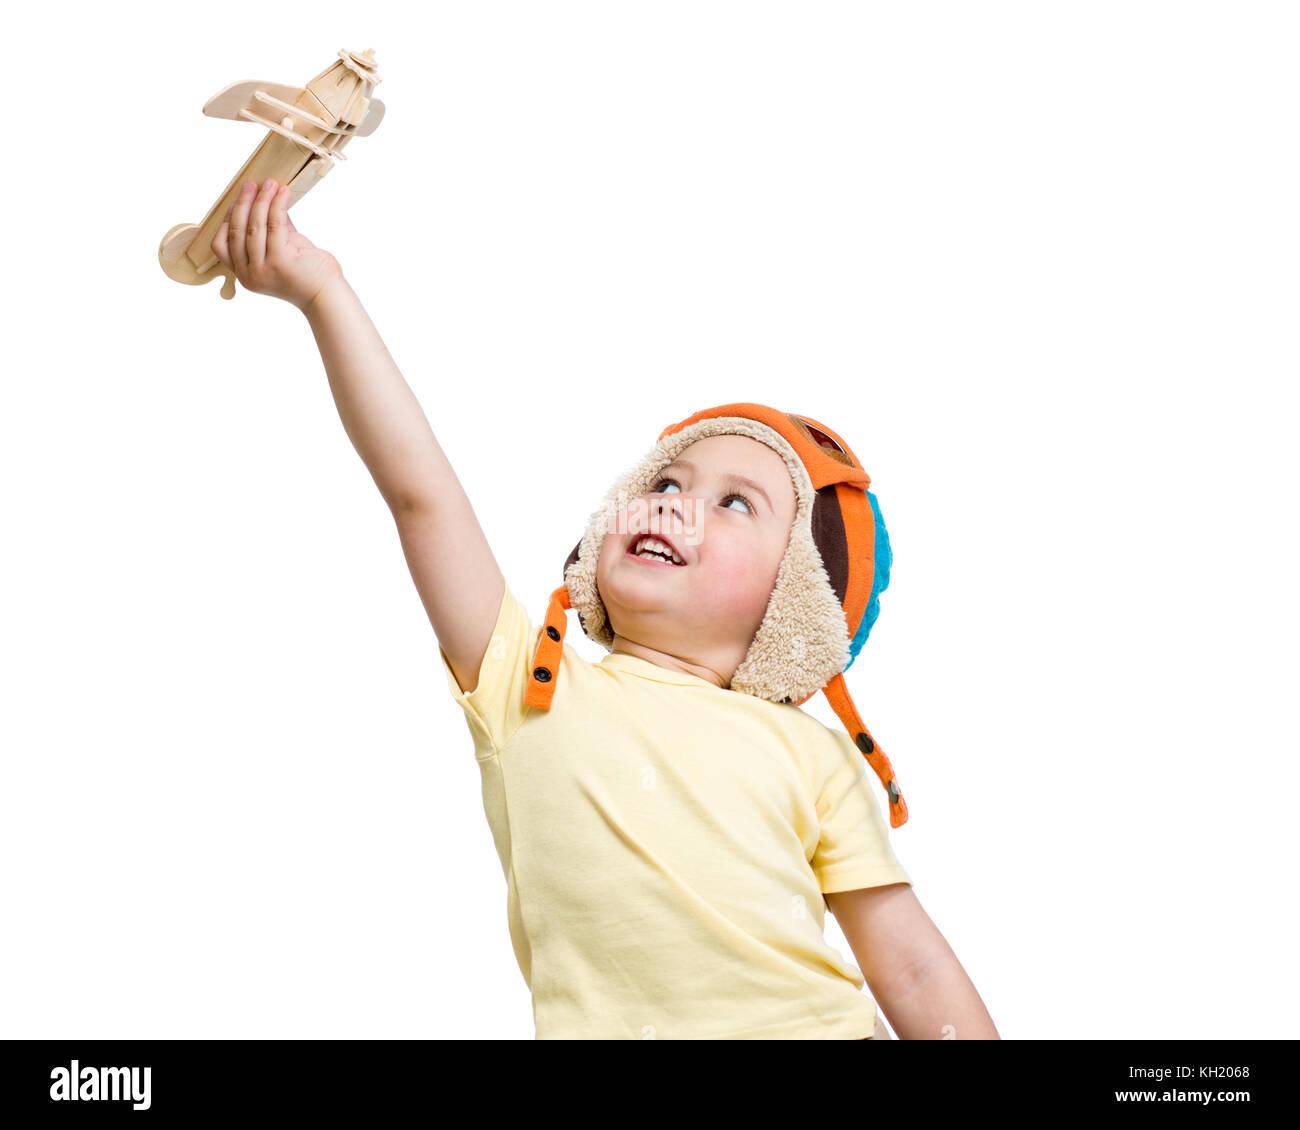 Glückliches Kind Junge in Helm Pilot spielt mit Holzspielzeug Flugzeug. auf weißem Hintergrund. Stockbild